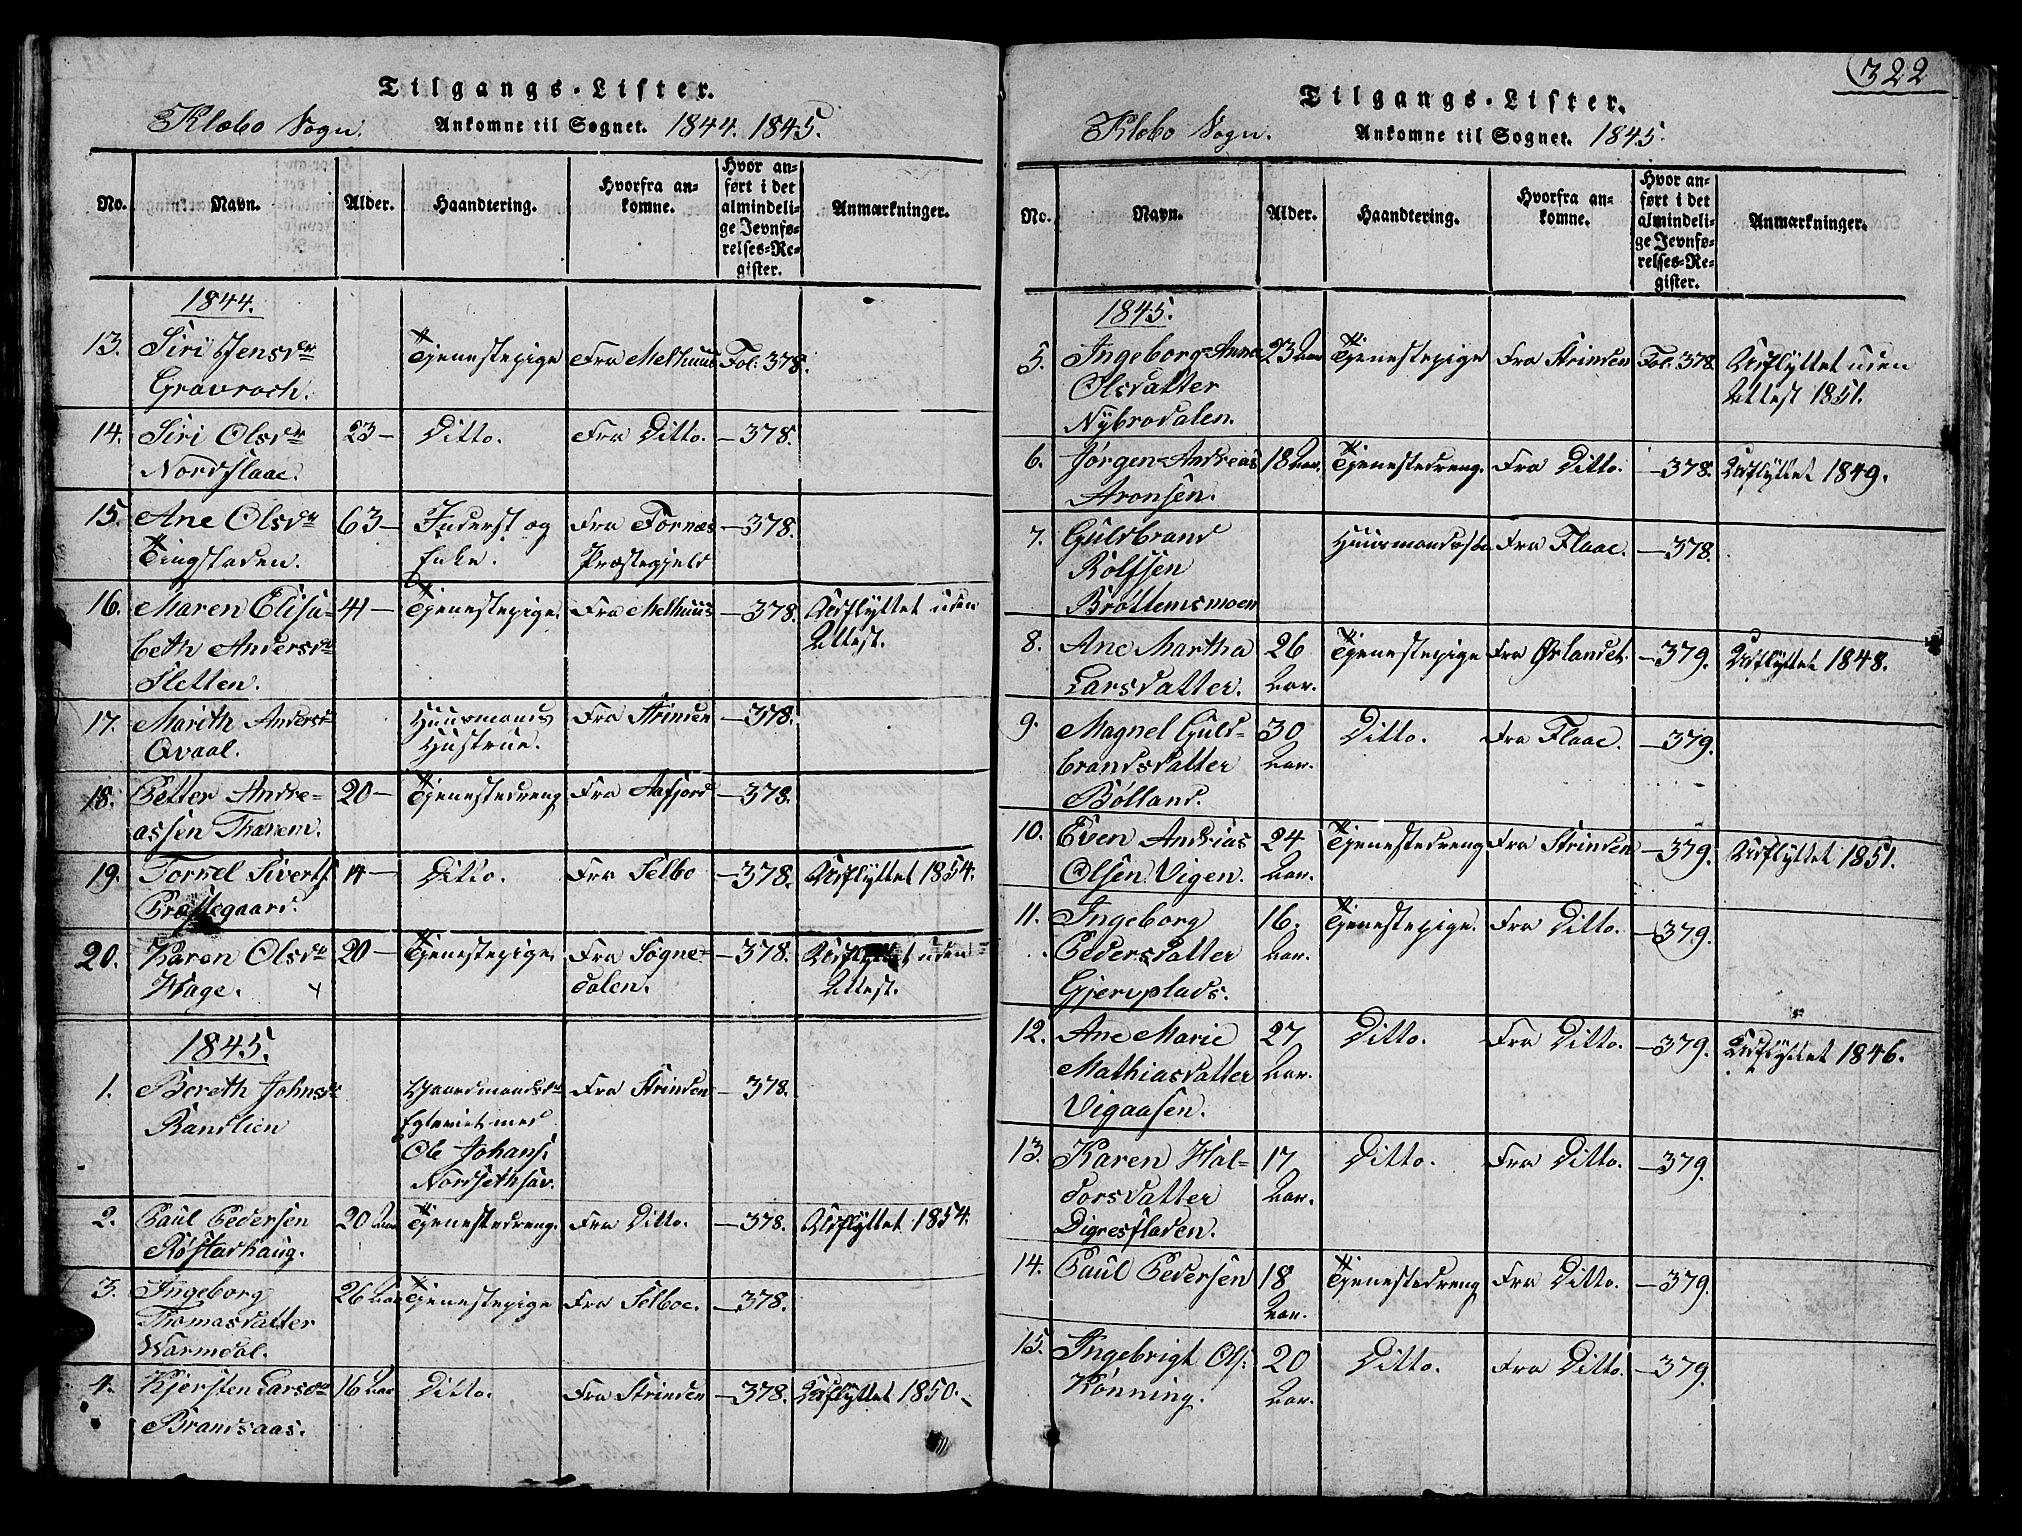 SAT, Ministerialprotokoller, klokkerbøker og fødselsregistre - Sør-Trøndelag, 618/L0450: Klokkerbok nr. 618C01, 1816-1865, s. 322